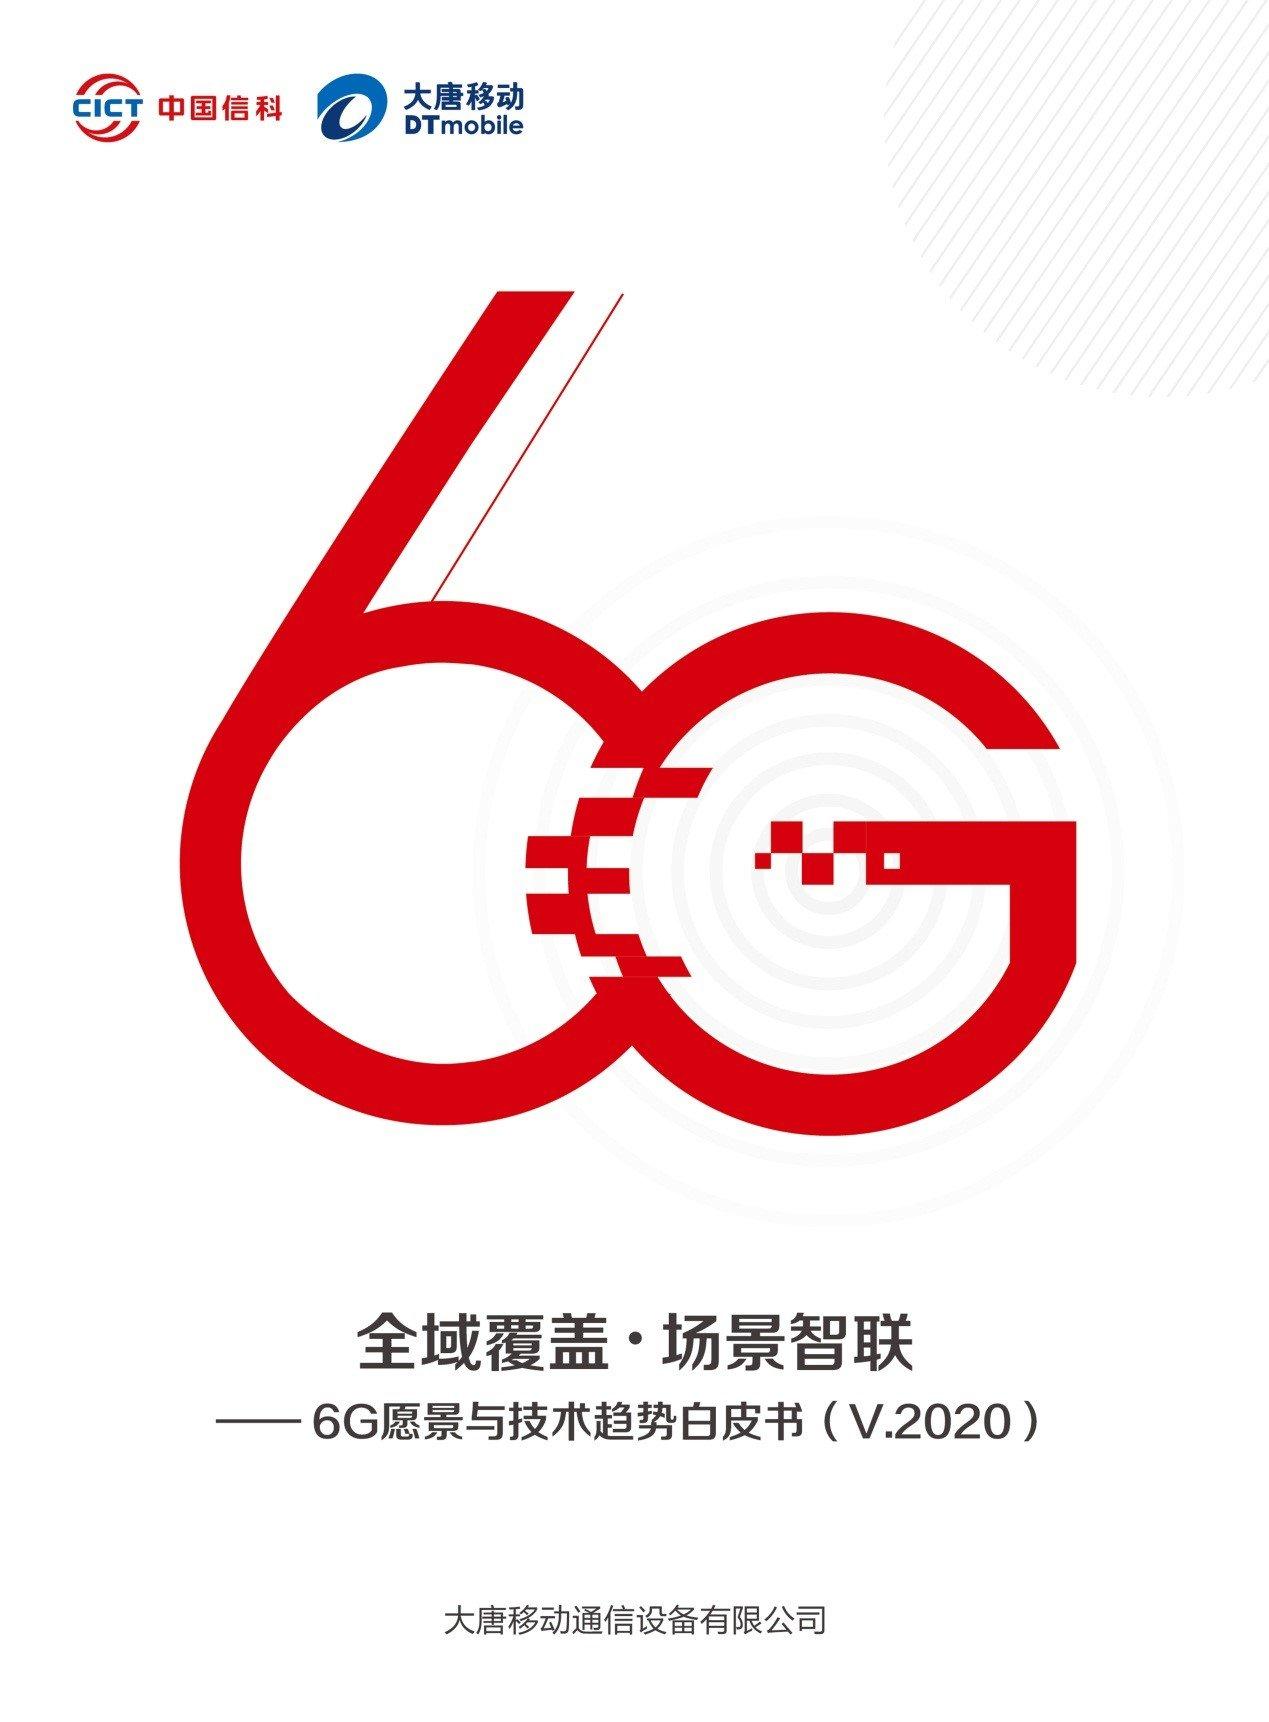 大唐移動6G技術趨勢白皮書發布,未來6G將實現全球立體深度覆蓋